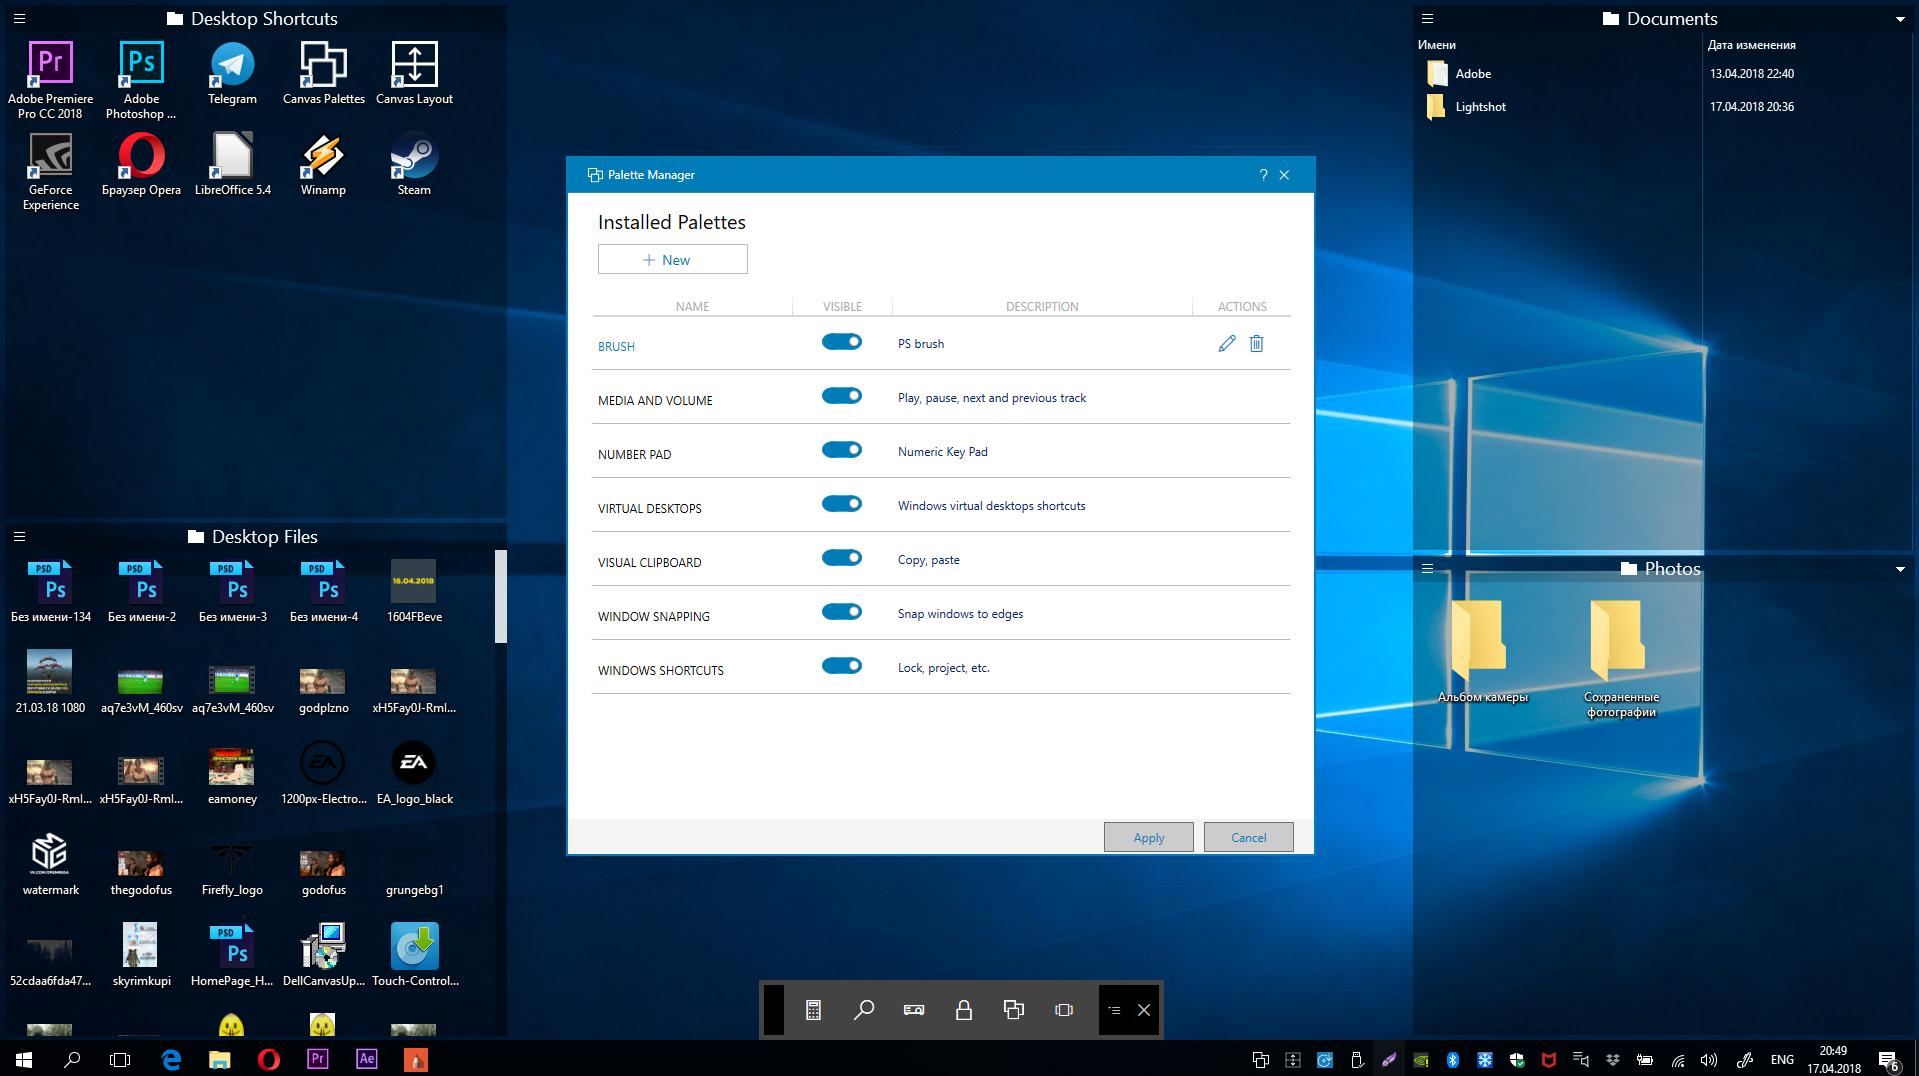 Dell Canvas: интерактивная панель для профессиональной работы с графикой - 12